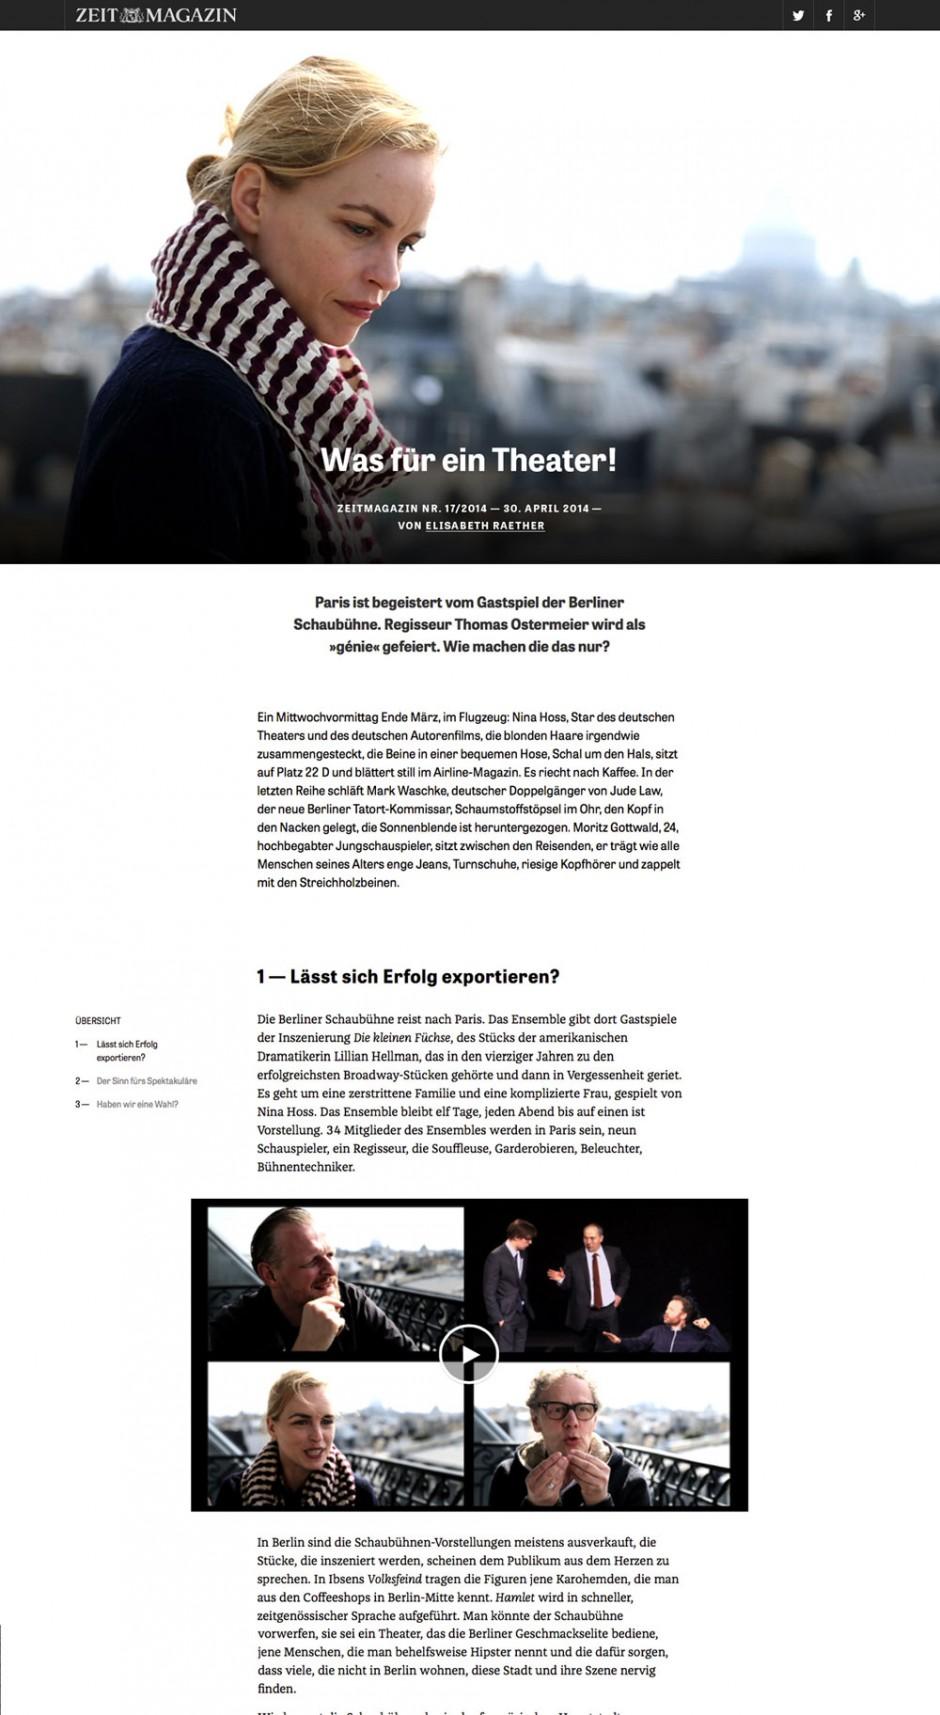 SZ_140508_Zeit_Online_Relaunch_Artikel-longread